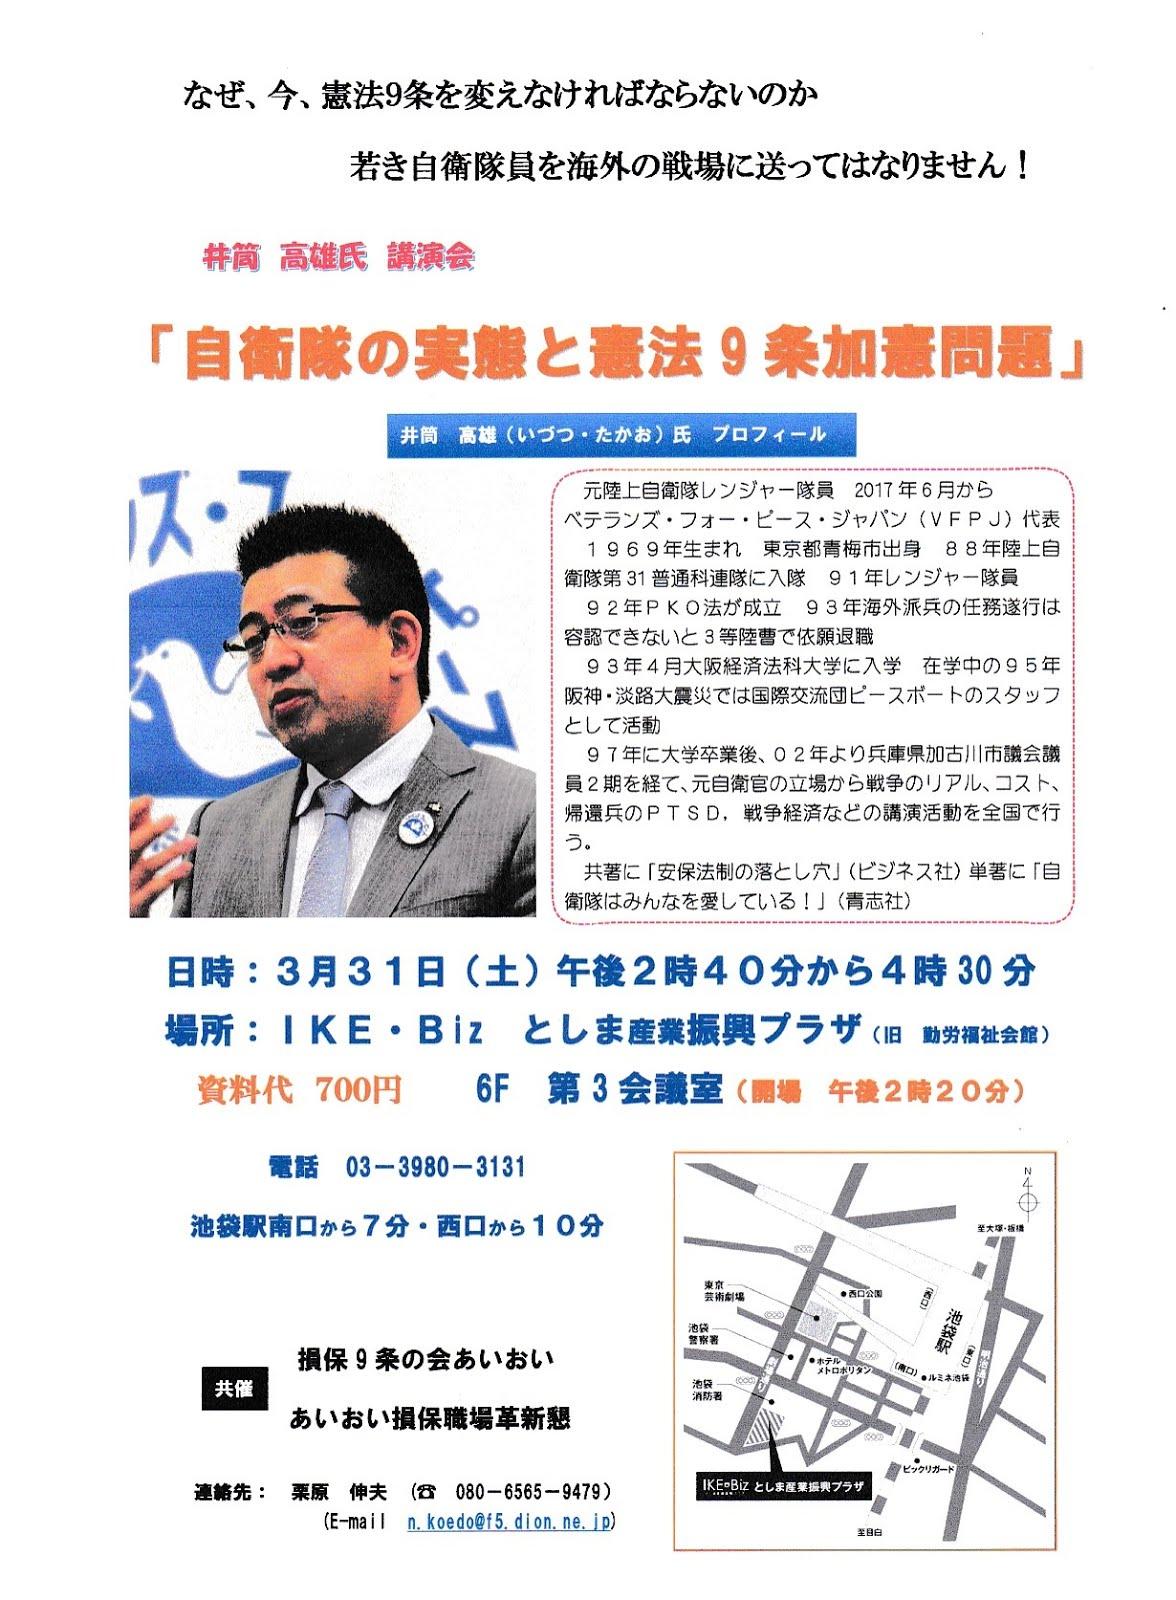 井筒 高雄氏講演会「自衛隊の実態と憲法9条加憲問題」